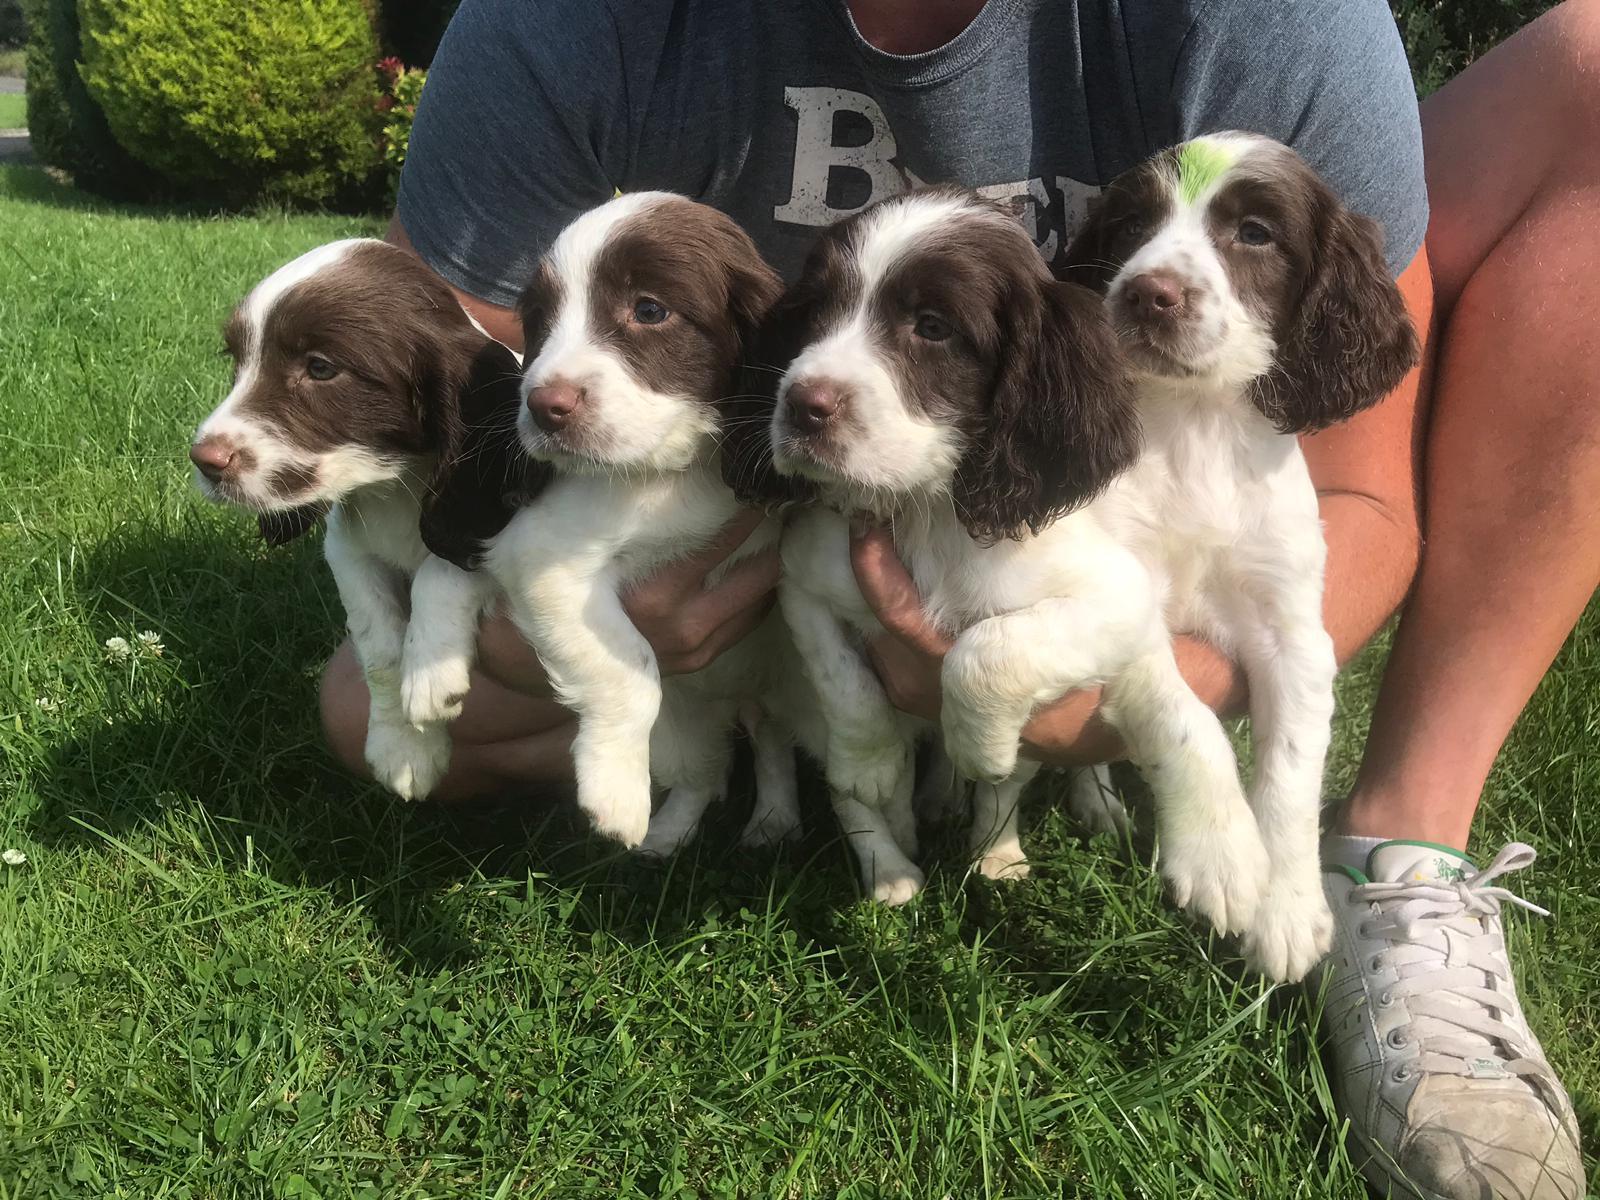 Springer spaniel puppys